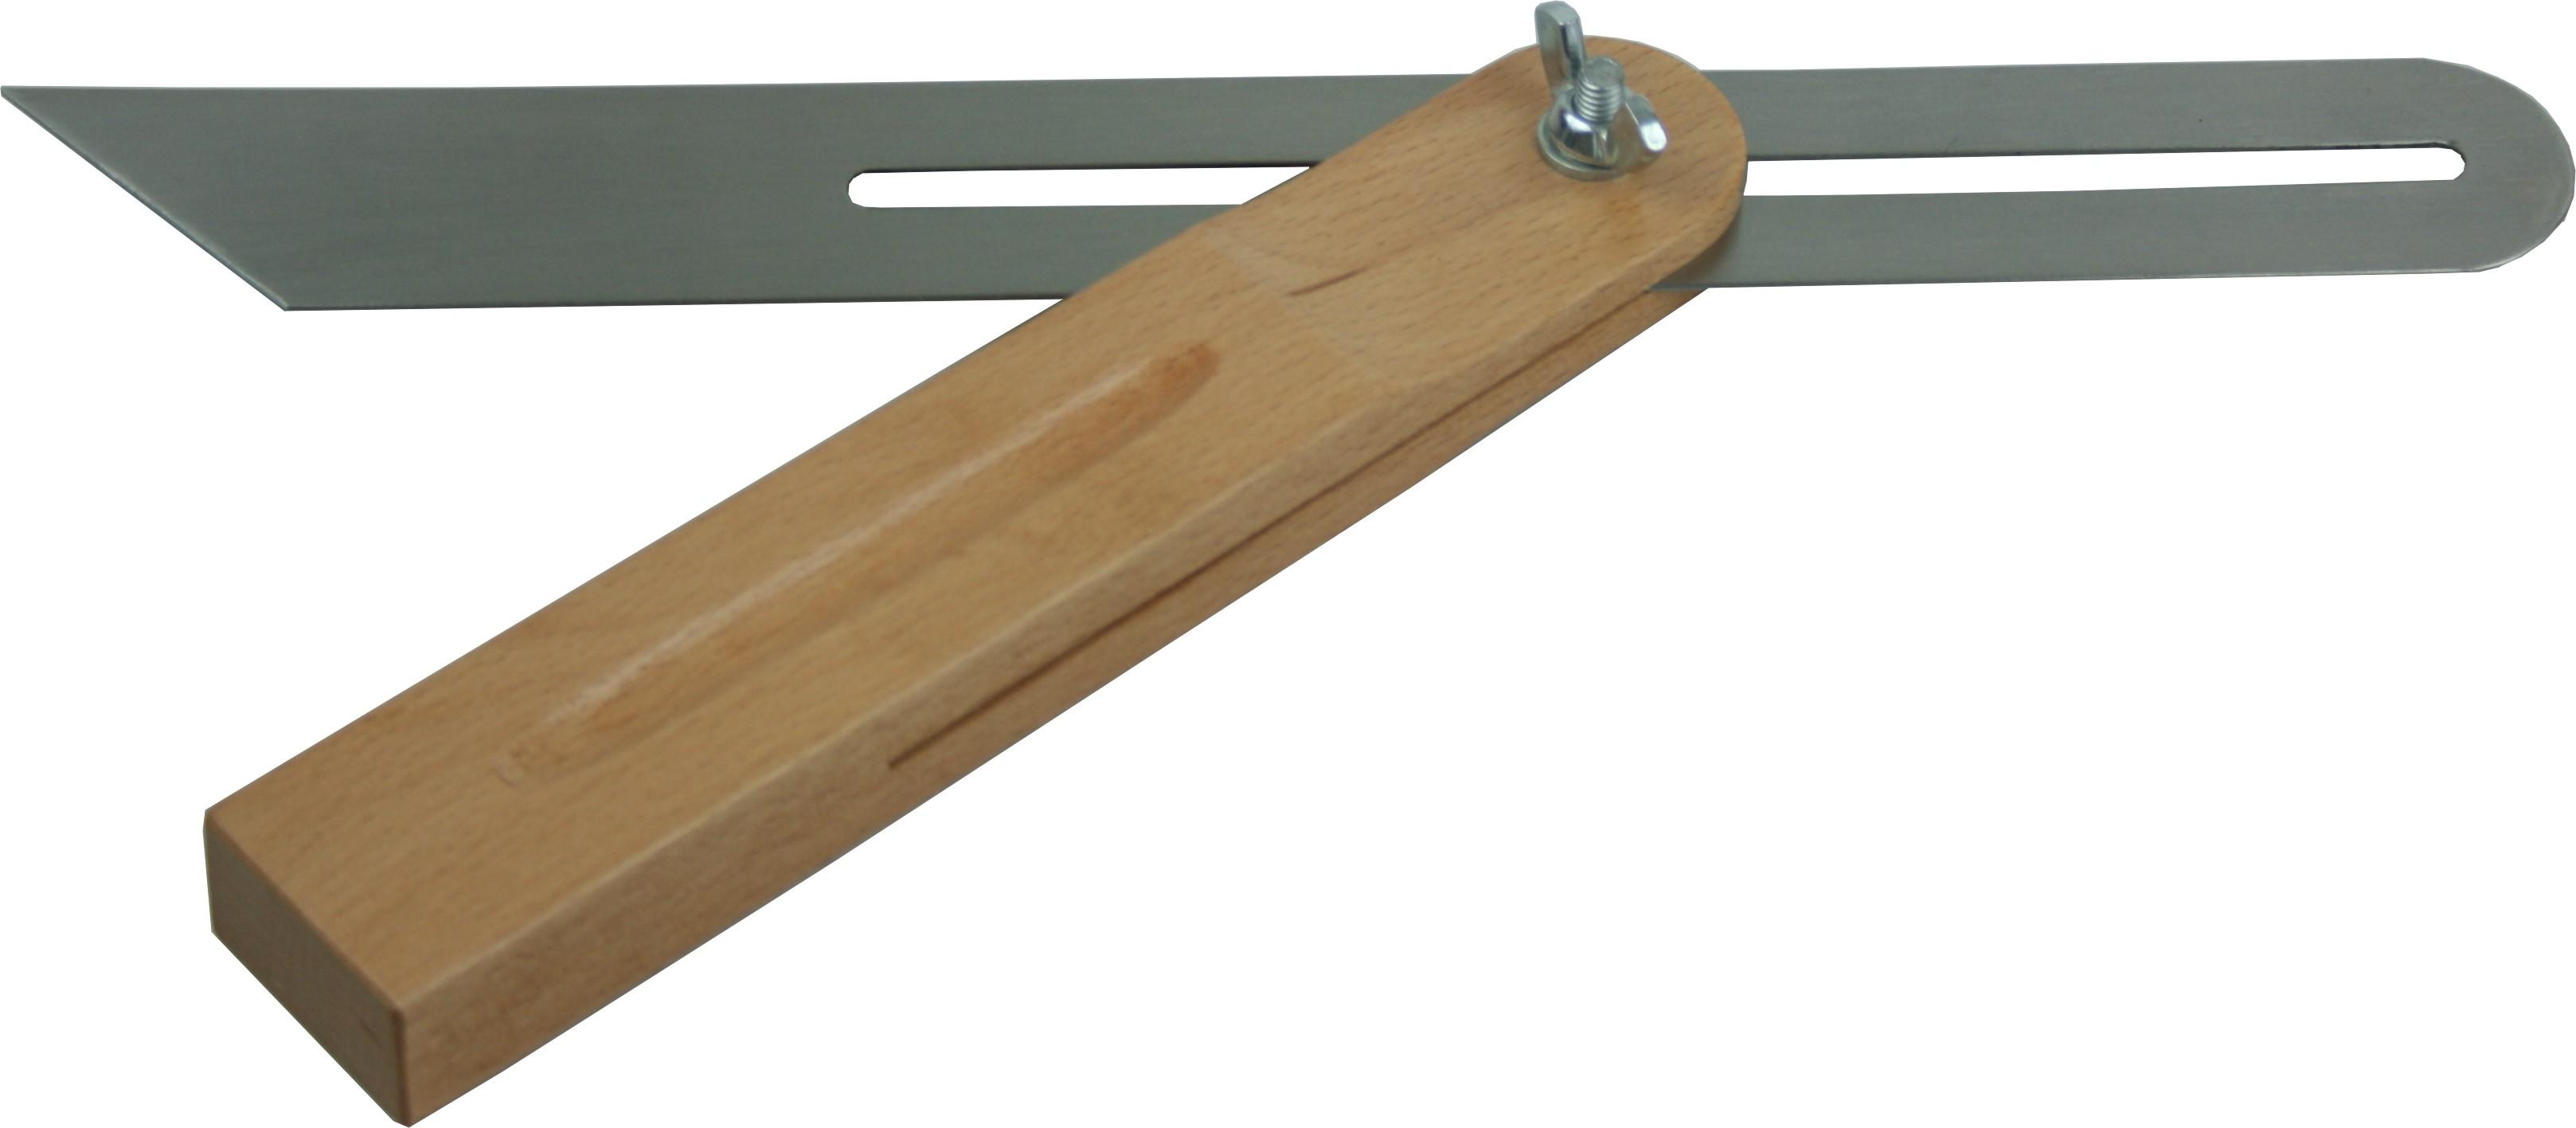 szögmásoló asztalos sáskaláb